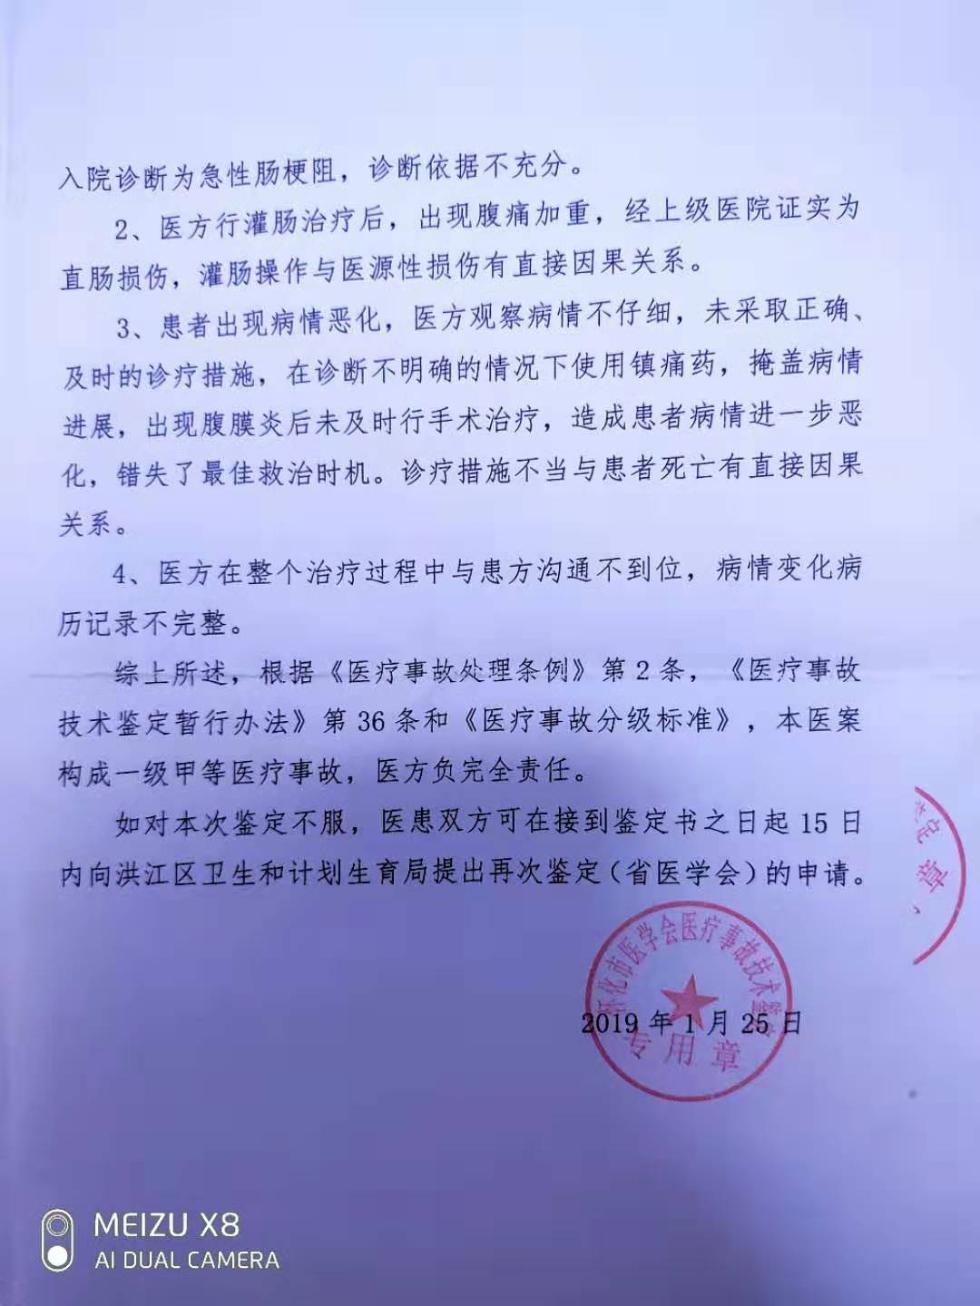 湖南怀化一患者灌肠致直肠破裂后死亡,4名医护人员被处罚